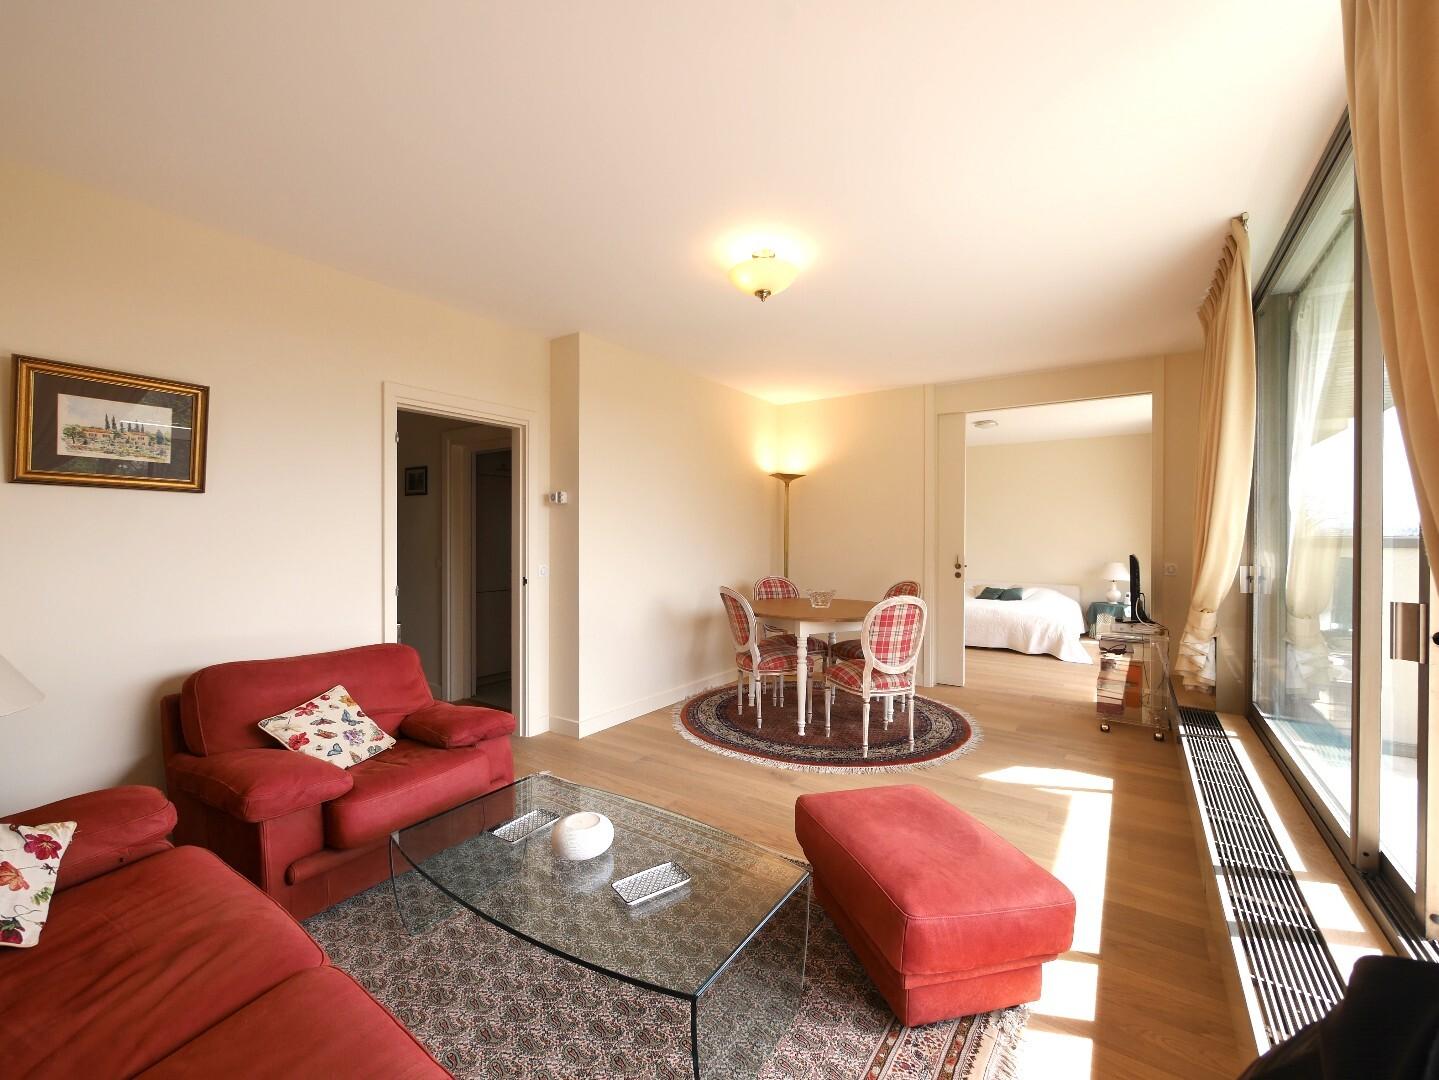 Location Appartement, 2 Pièces, 1 Chambre, Surface 55,25m²